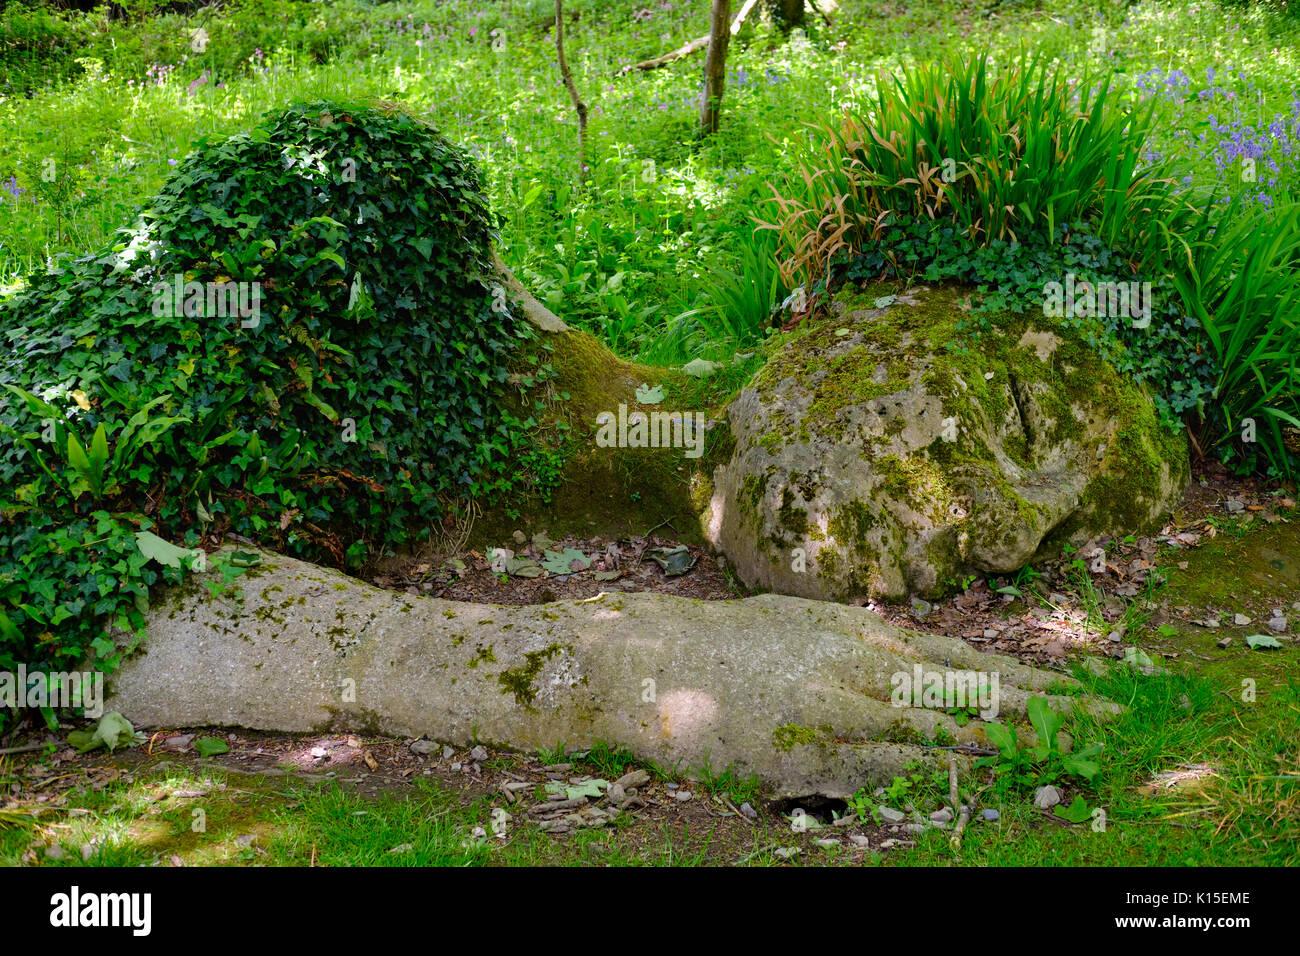 Skulptur der Mud Maid von Susan Hill, die Verlorenen Gärten von Heligan, in der Nähe von St Austell, Cornwall, England, Vereinigtes Königreich Stockbild